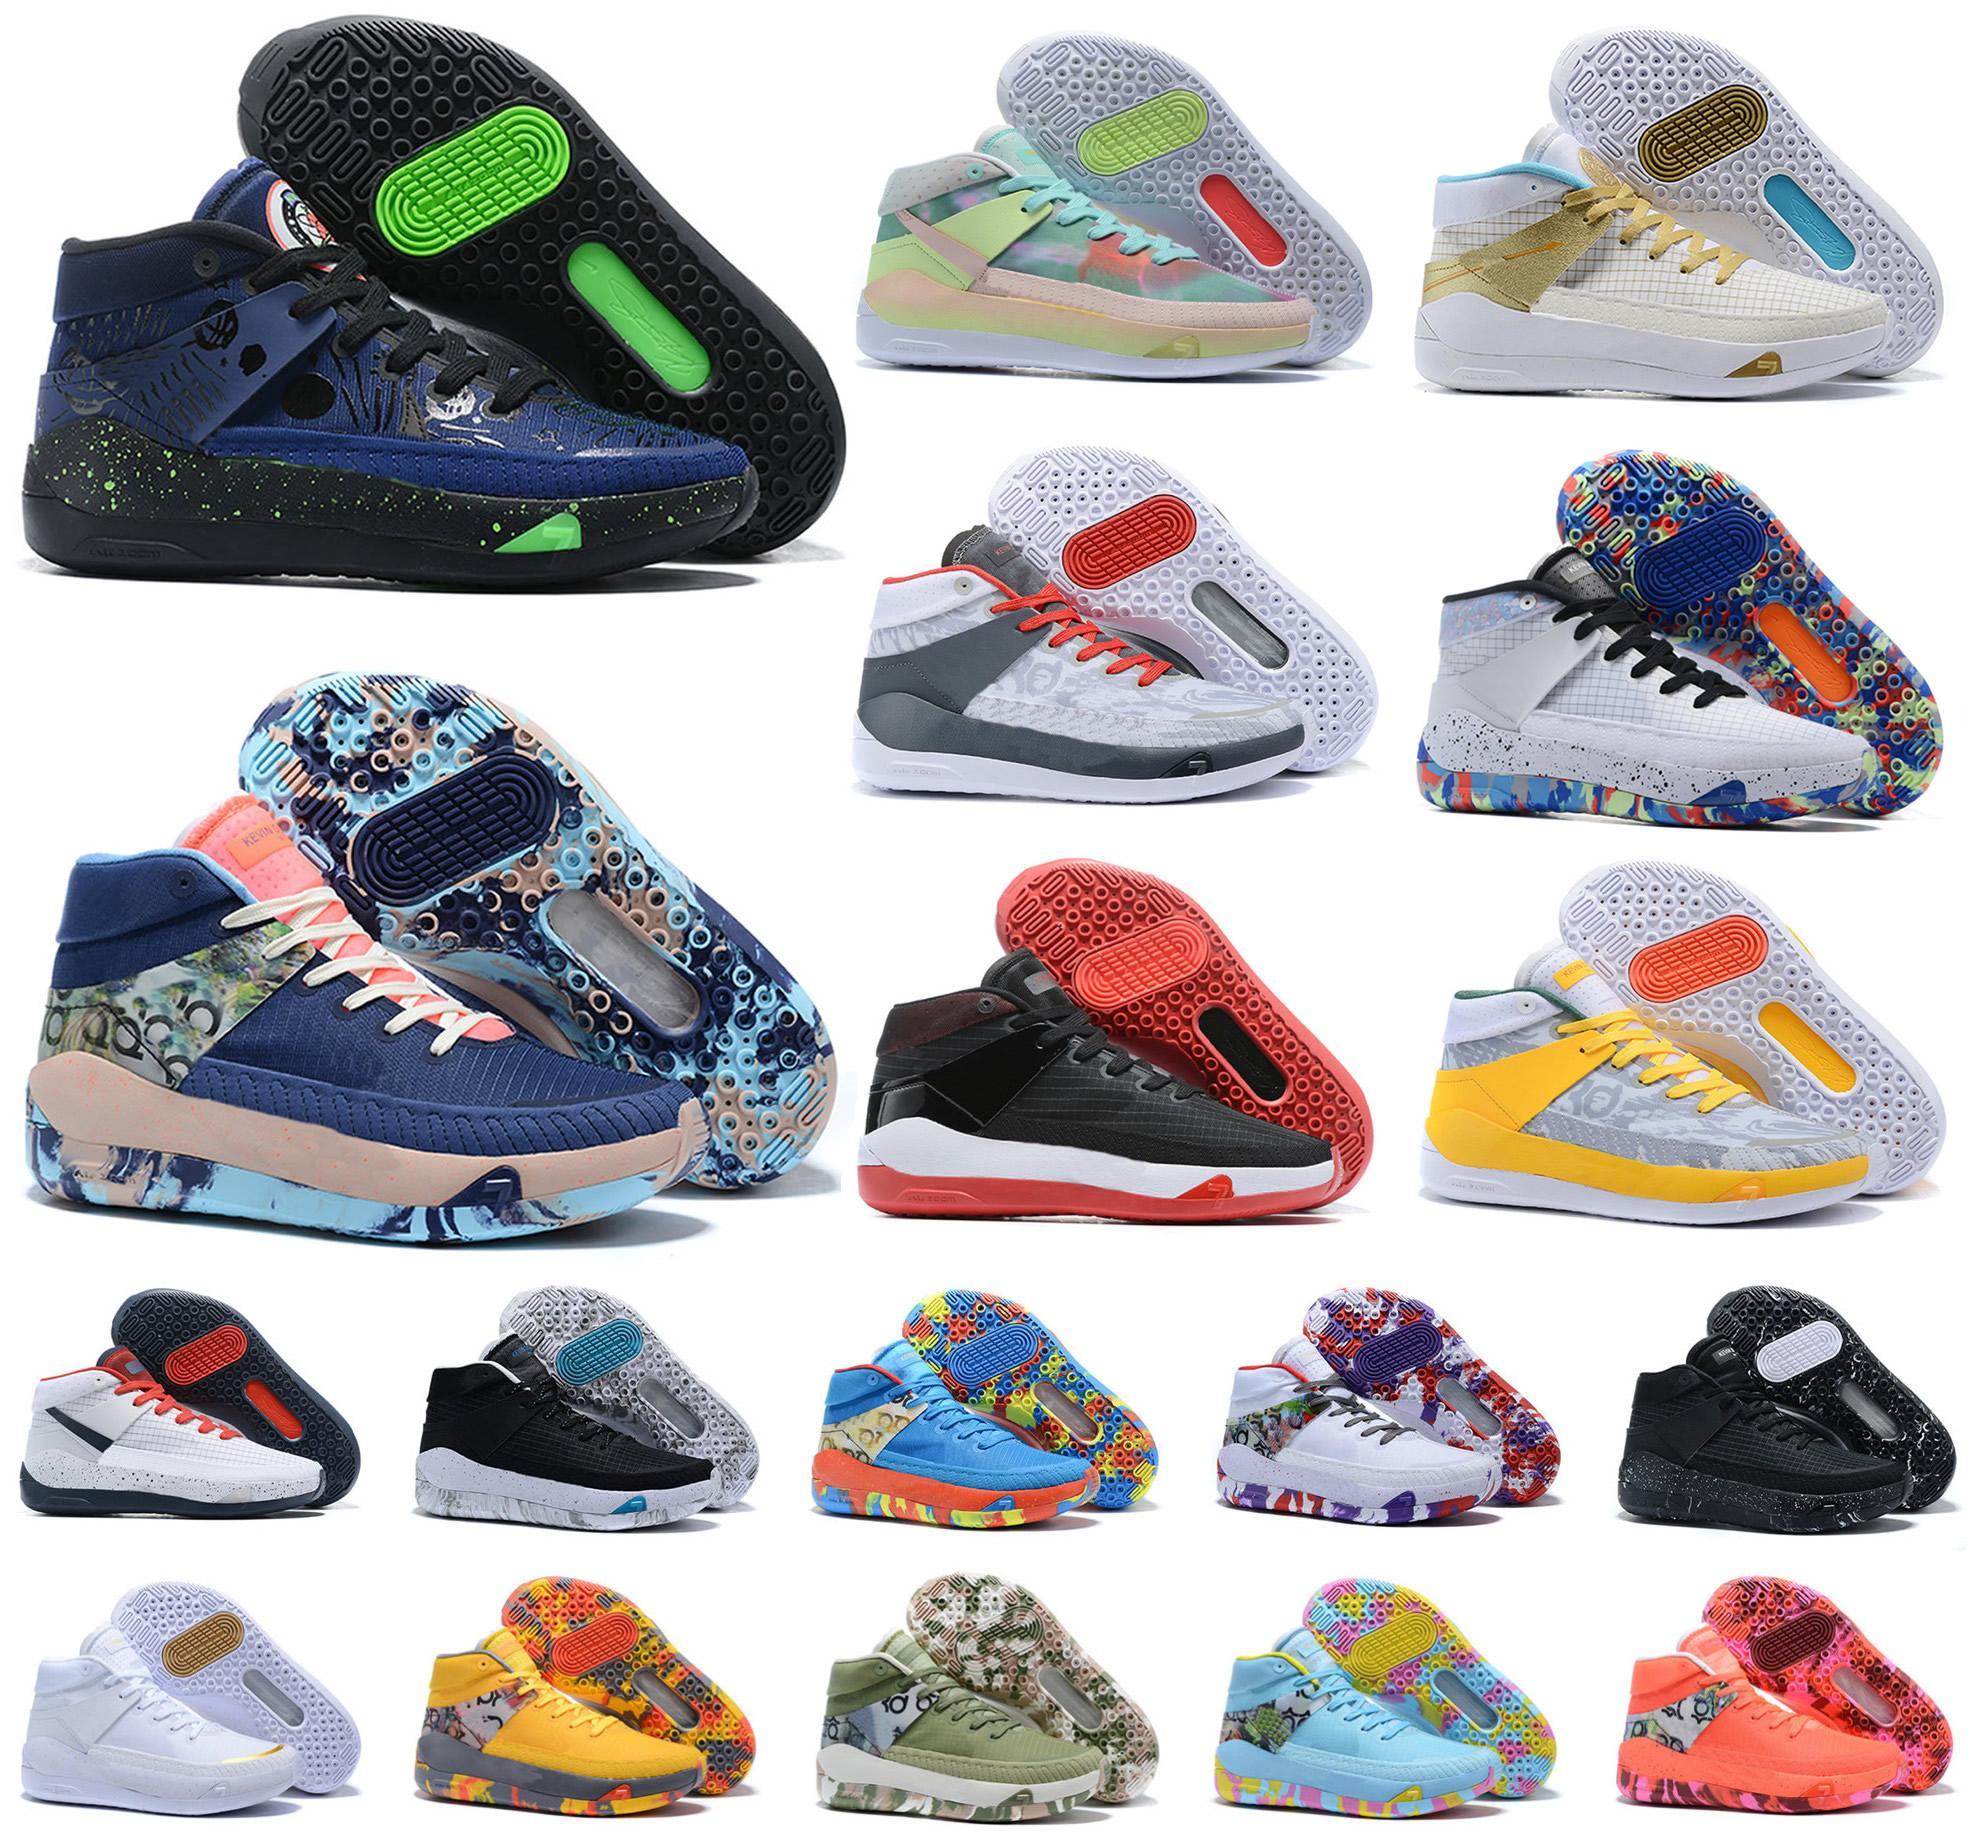 جديد رجل 2020 أحذية كيفن دورانت XIII KD 13 13S متعدد اللون KD13 المدربين WHITE تكبير كرة السلة النخبة الرياضية حذاء رياضة 40-46